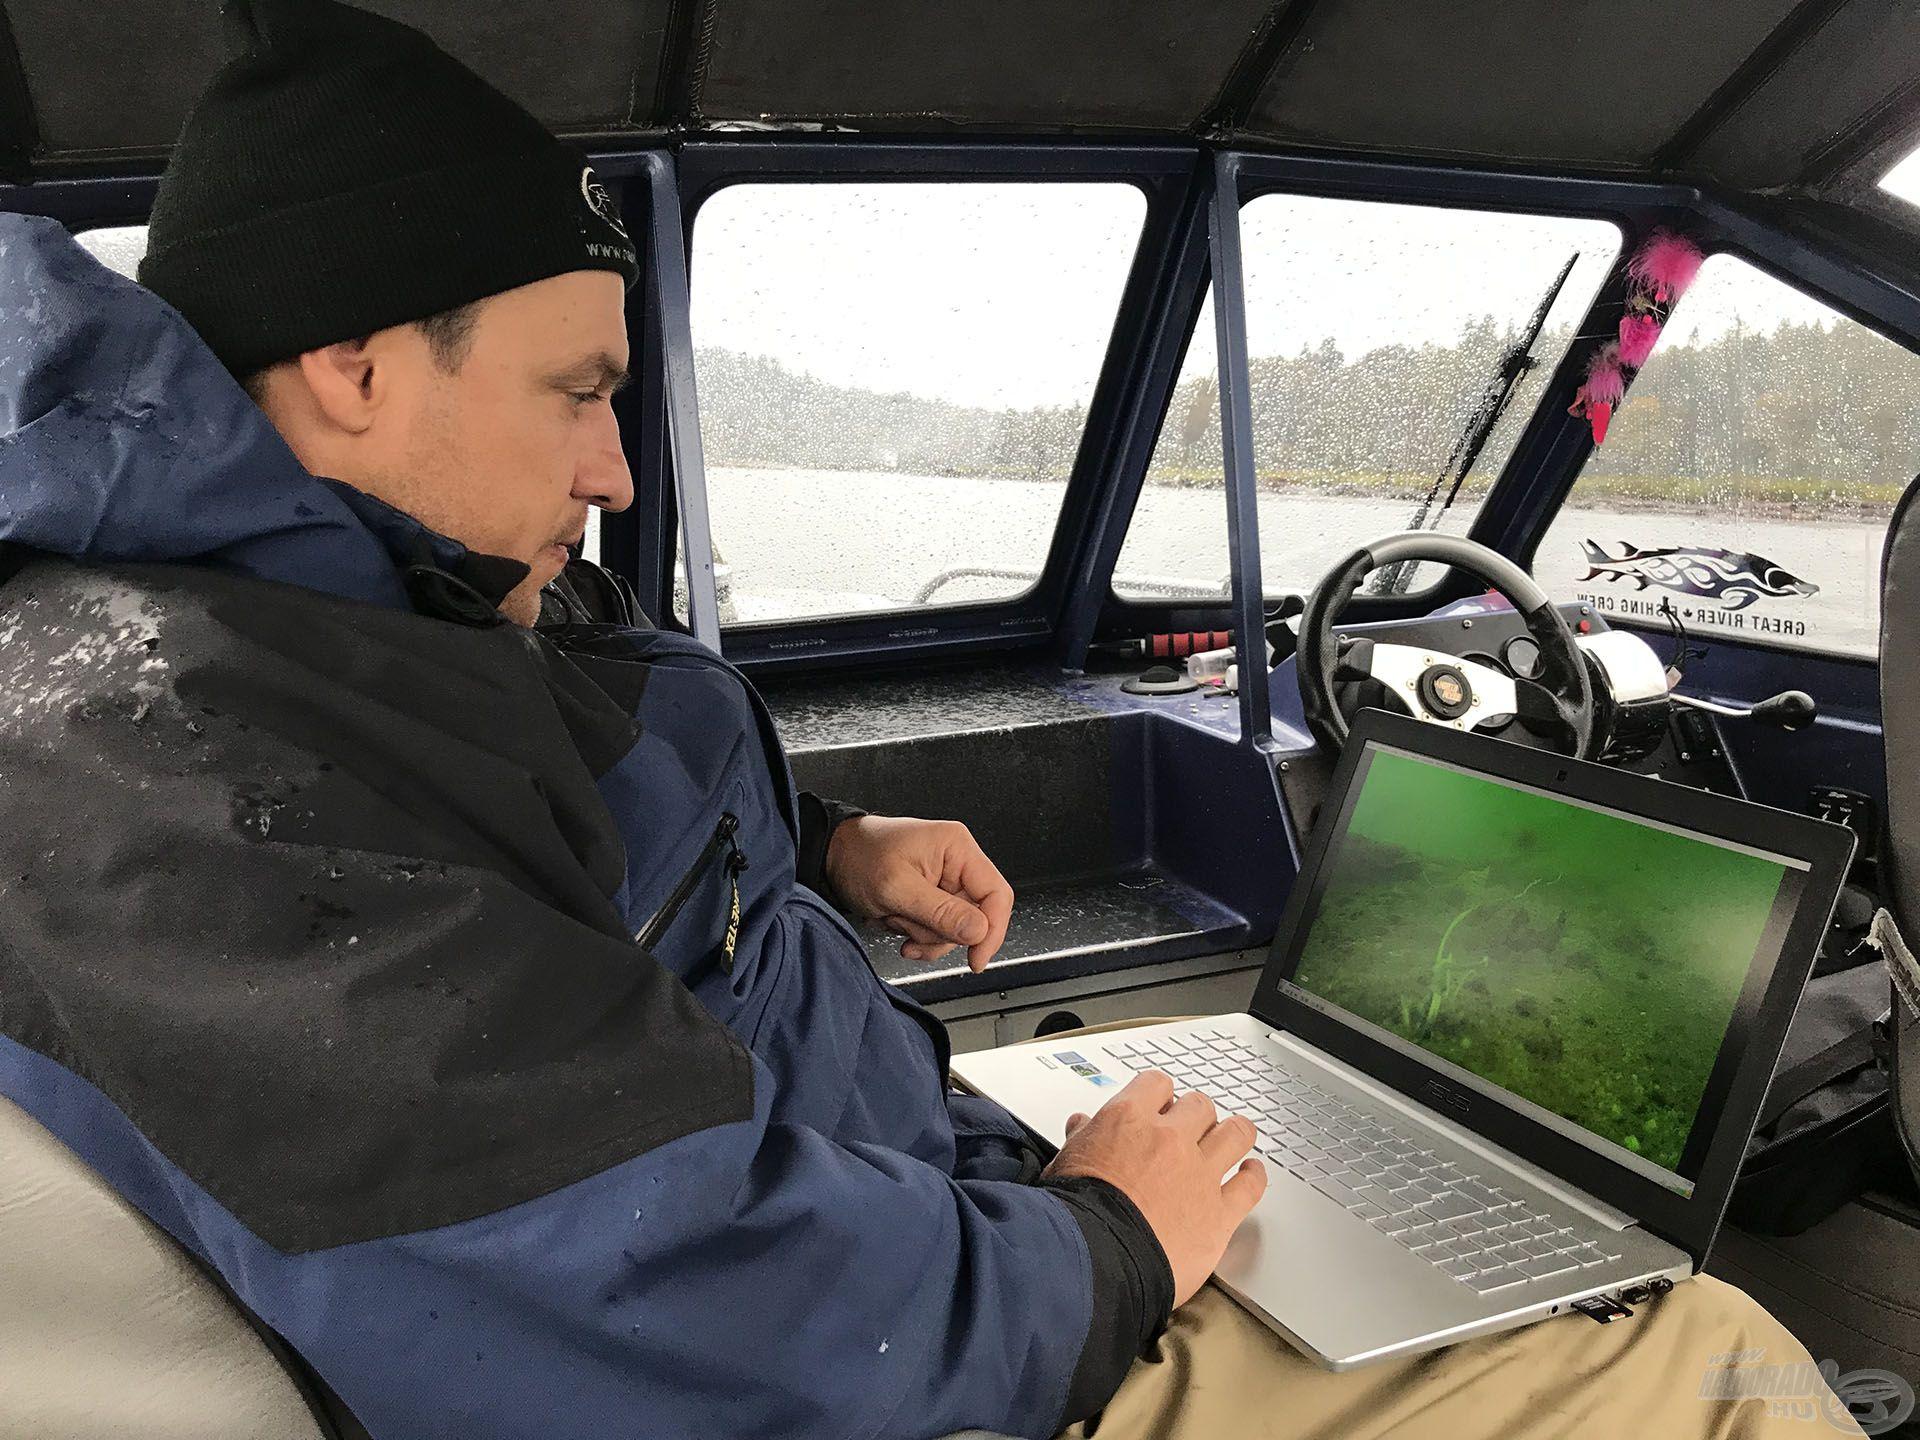 Szenzációs felvételeket sikerült készítenünk, melyet izgalmunkban már a hajón megnéztünk